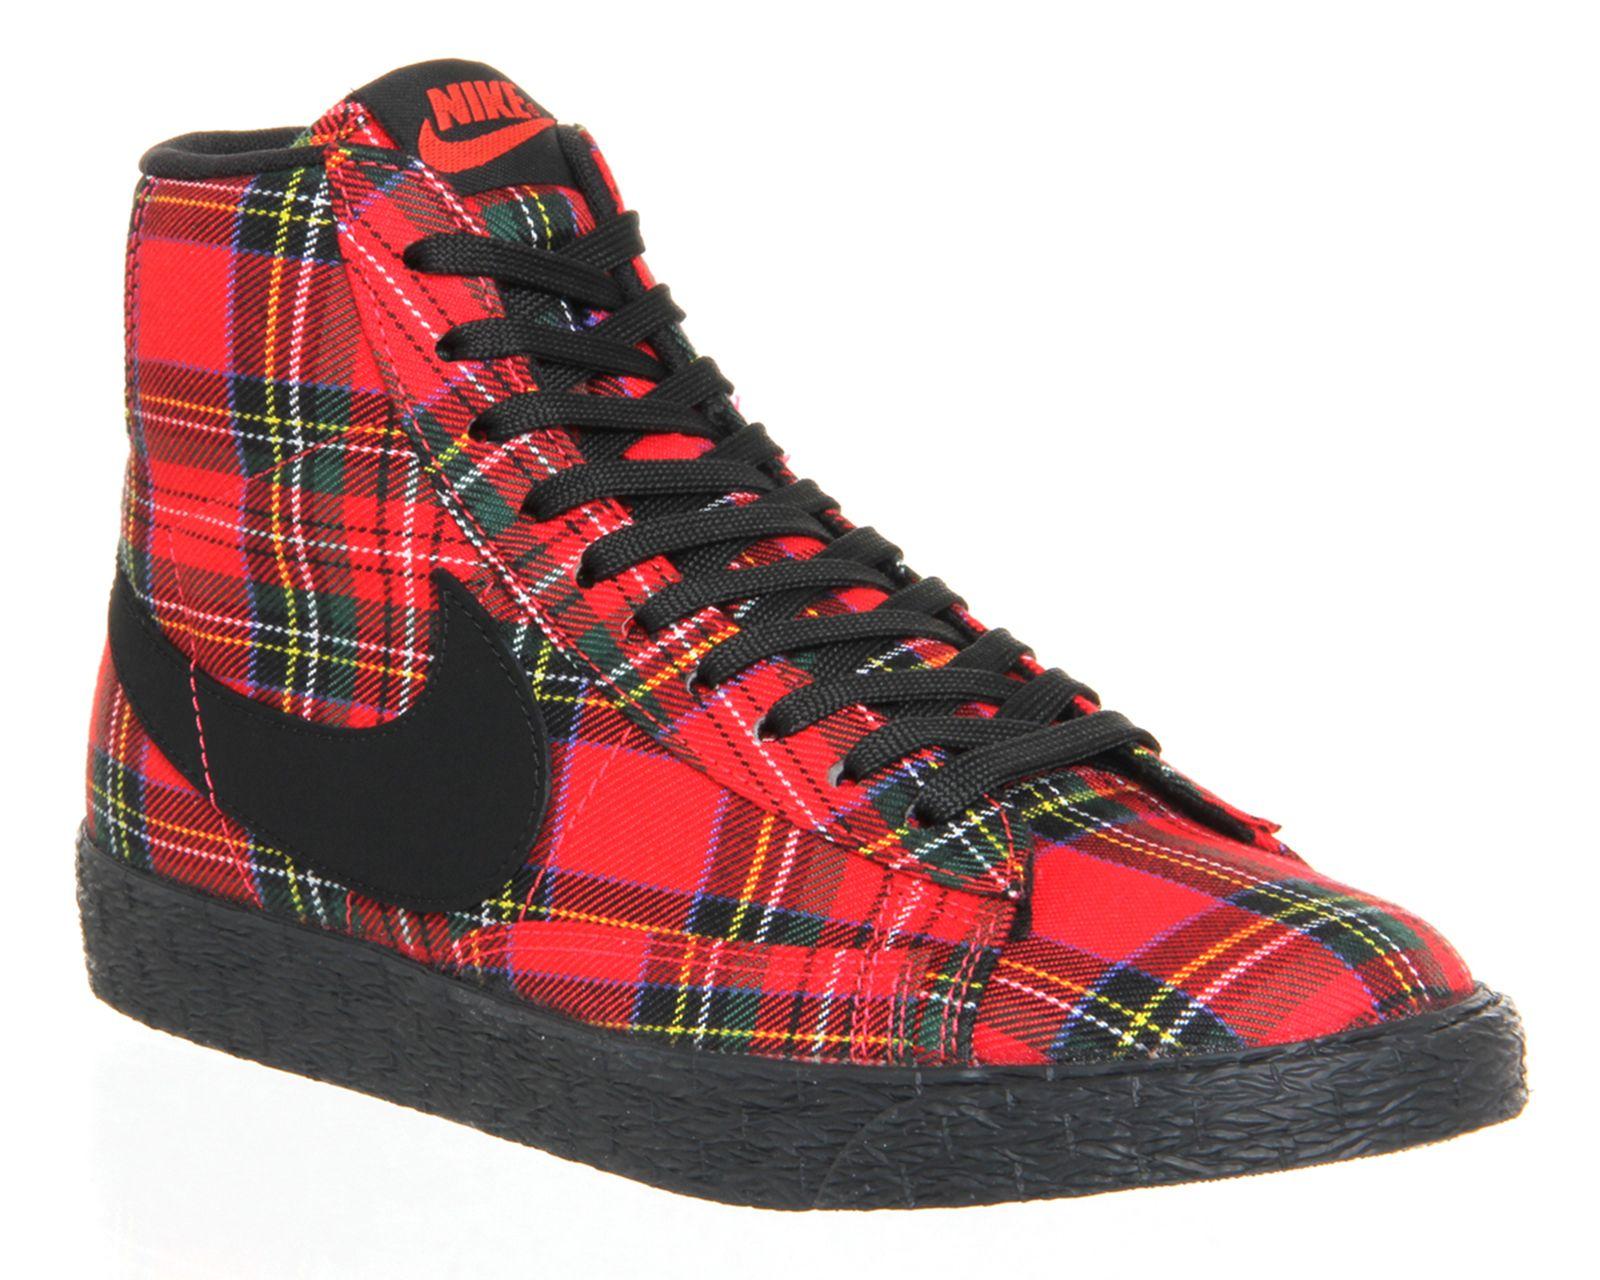 Nike Blazer Mid Action Red Black Plaid